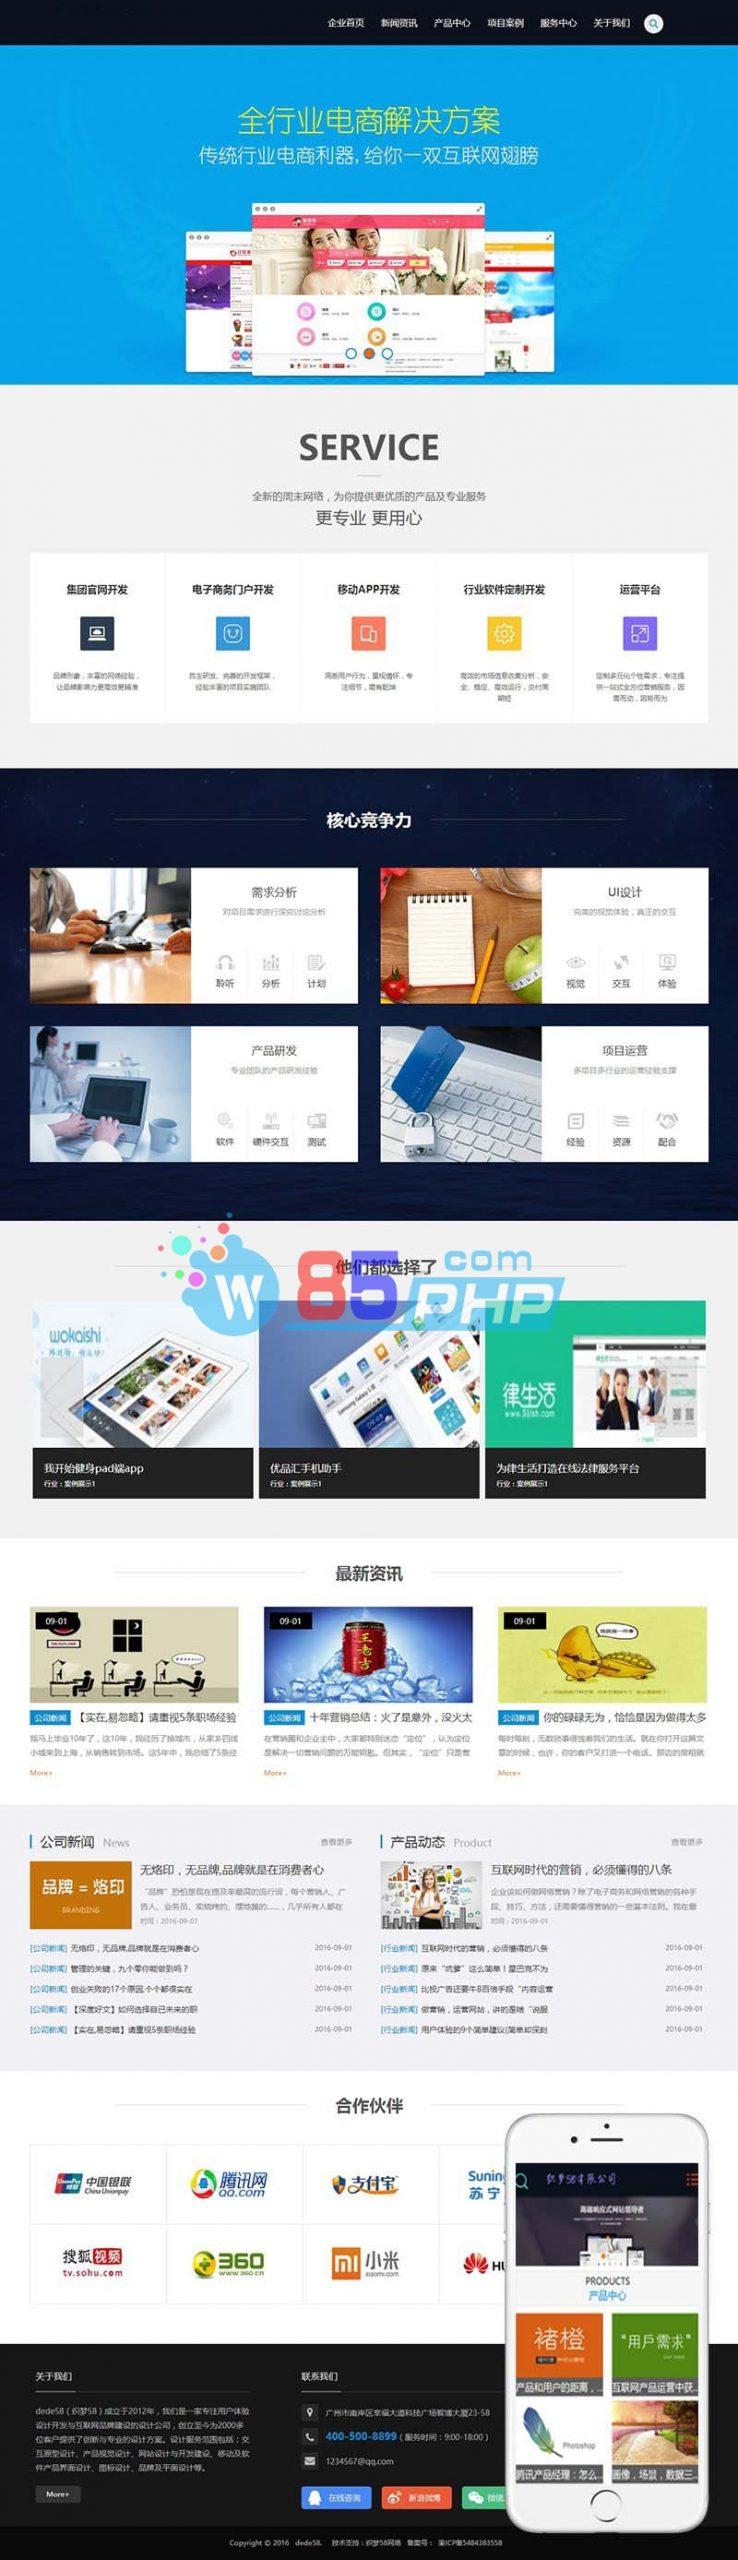 鹤云资源博客-【织梦模板】互联网网络建站设计类企业织梦dedecms模板(带手机端)插图1